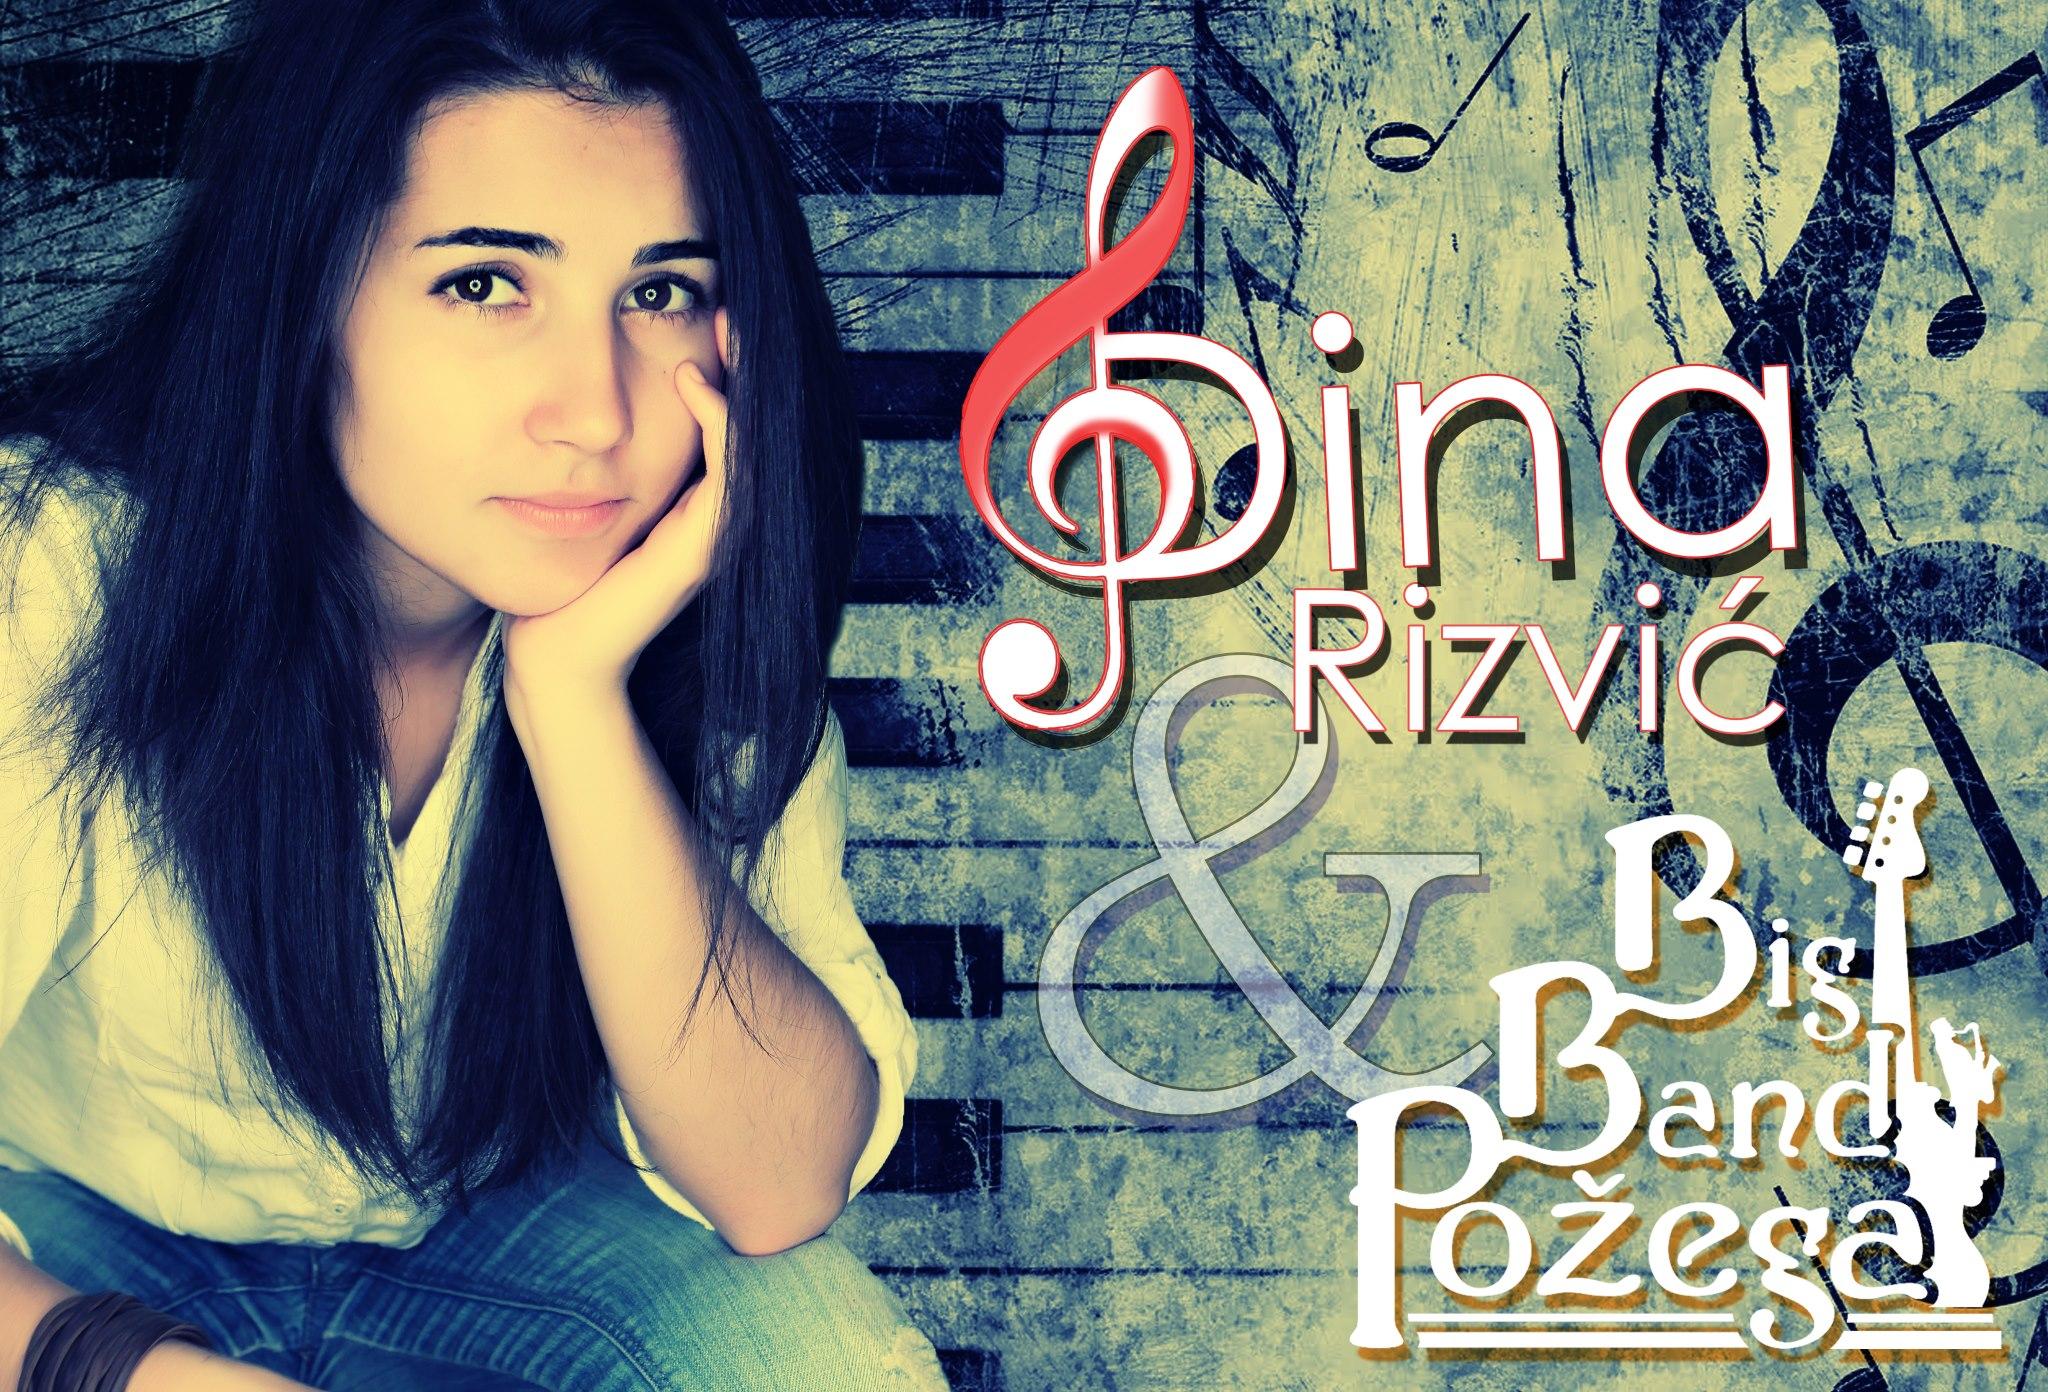 Dina Rizvić & Big Band Požega @ Riva Rabac 24.07.2015.